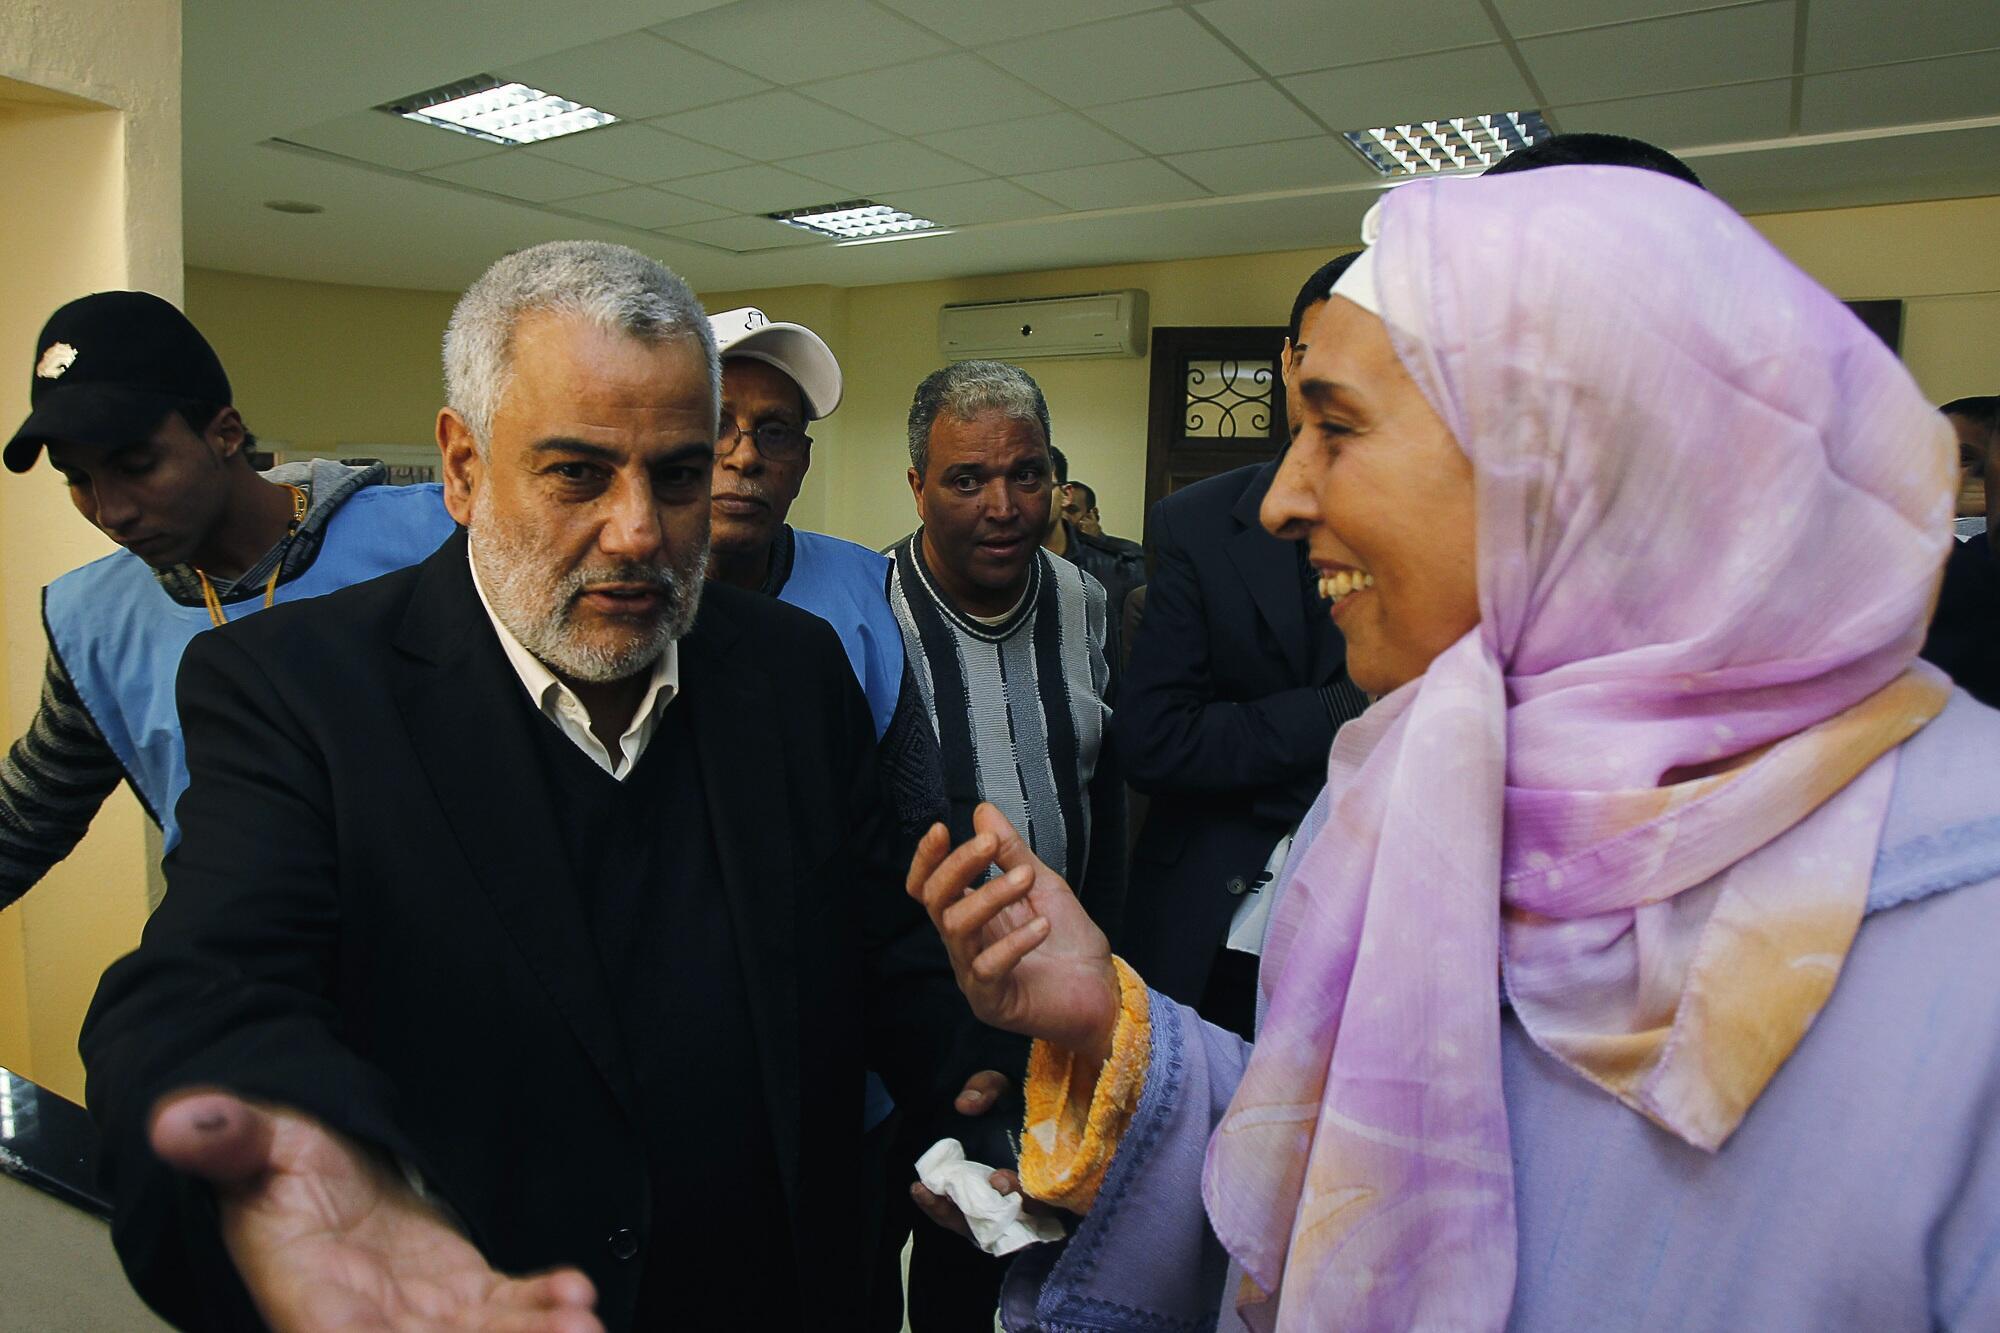 Abdelilá Benkiran líder del gran vencedor de las elecciones en Marruecos, el Partido Justicia y Desarrollo.